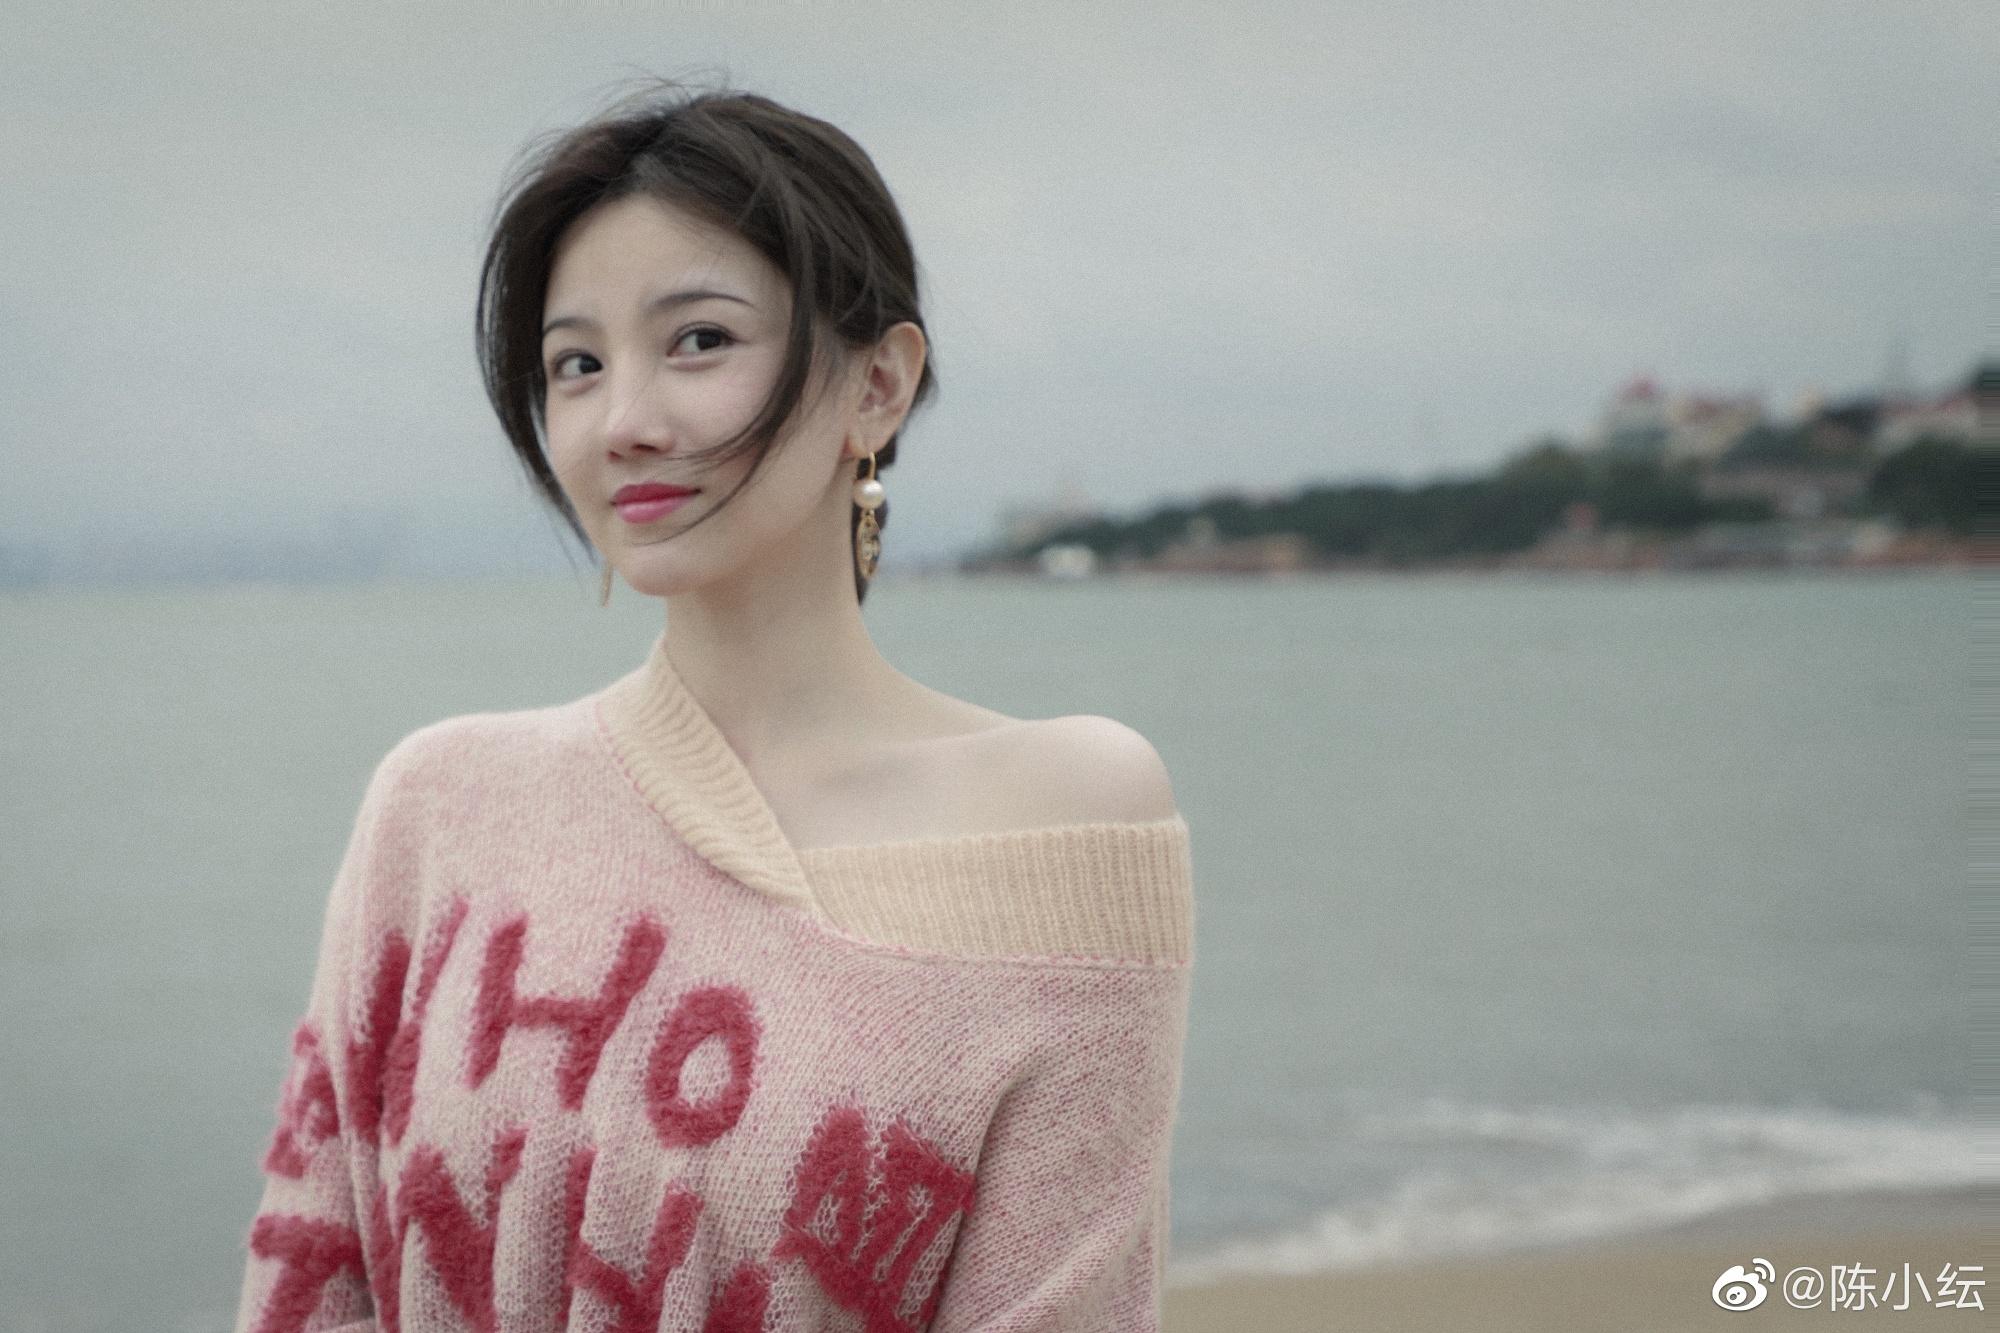 陳小紜穿斜肩毛衣在海邊拍寫真,畫風清涼顏值超高,網友:好漂亮-圖2